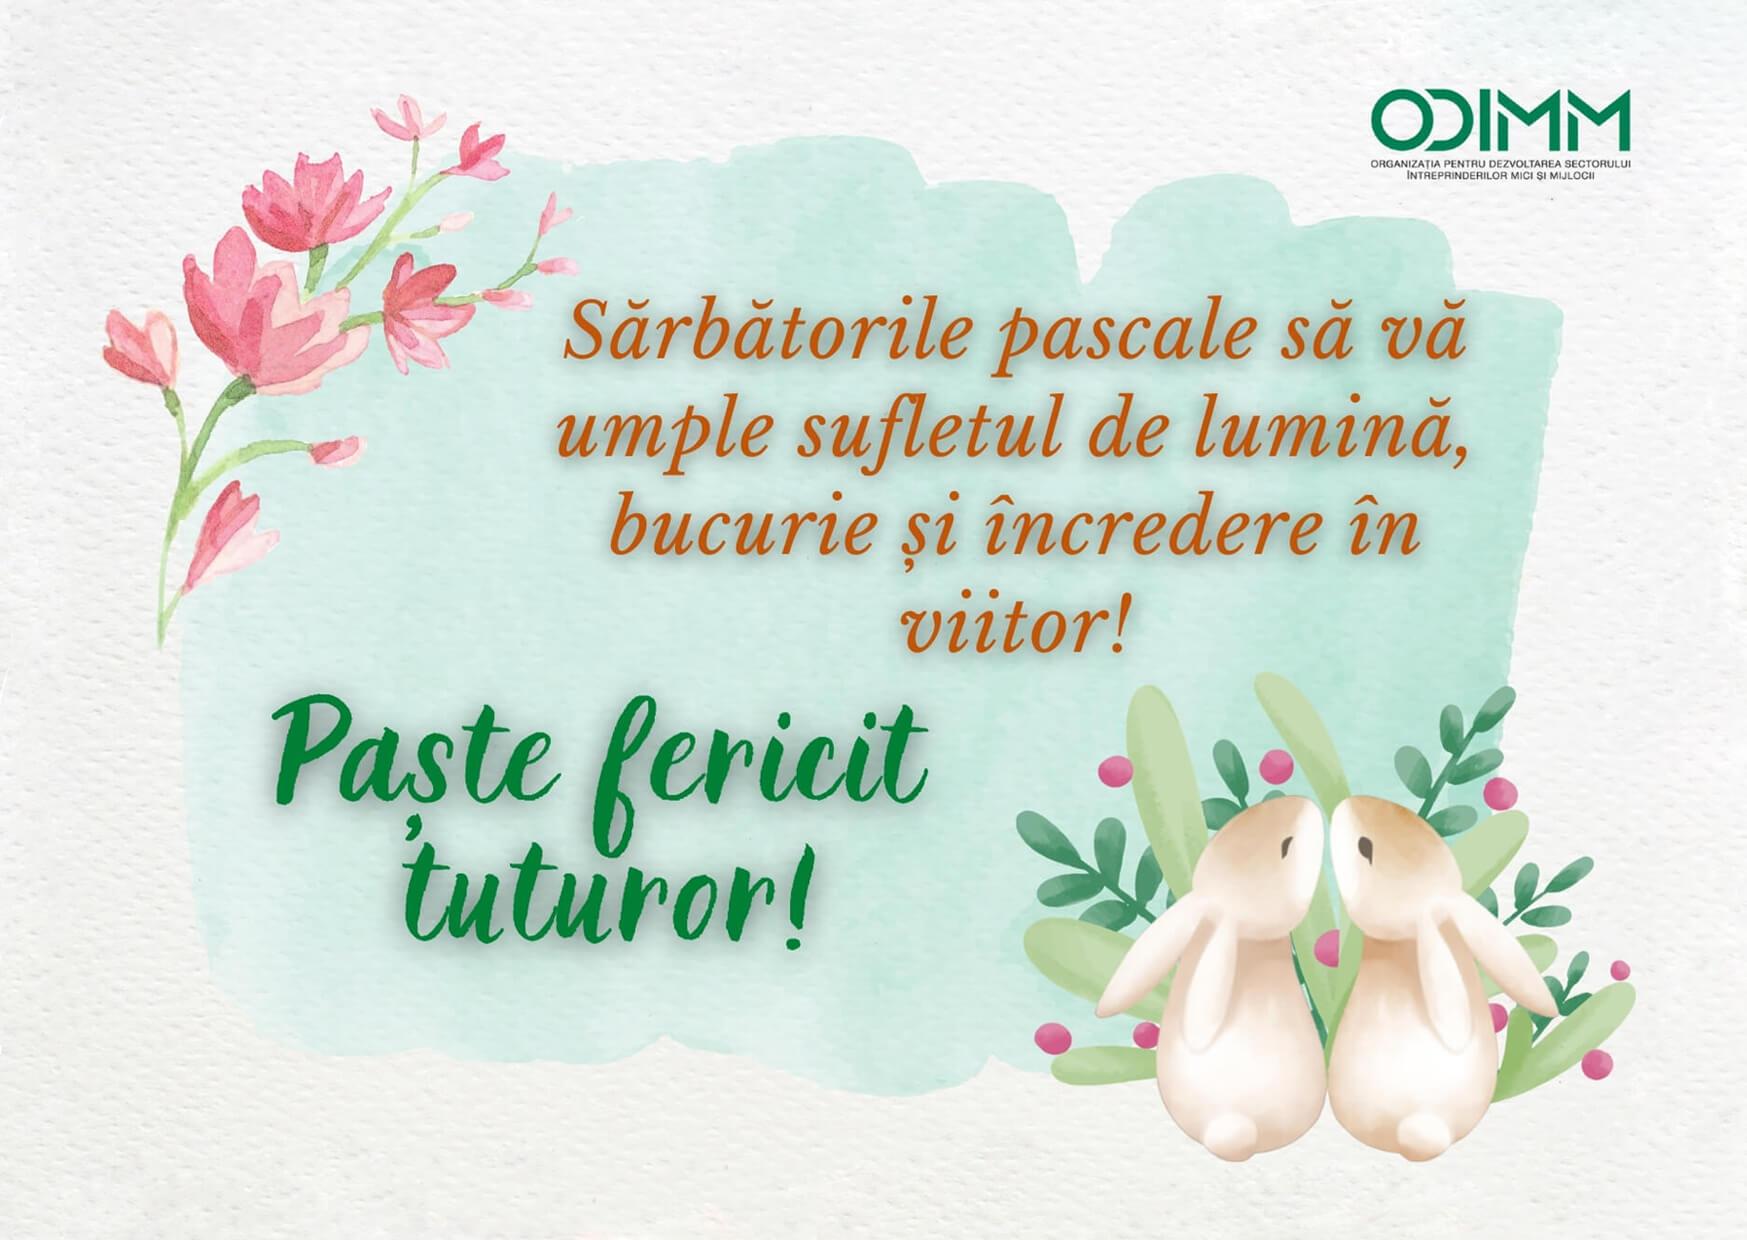 ODIMM vă urează un Paște luminat și fericit!